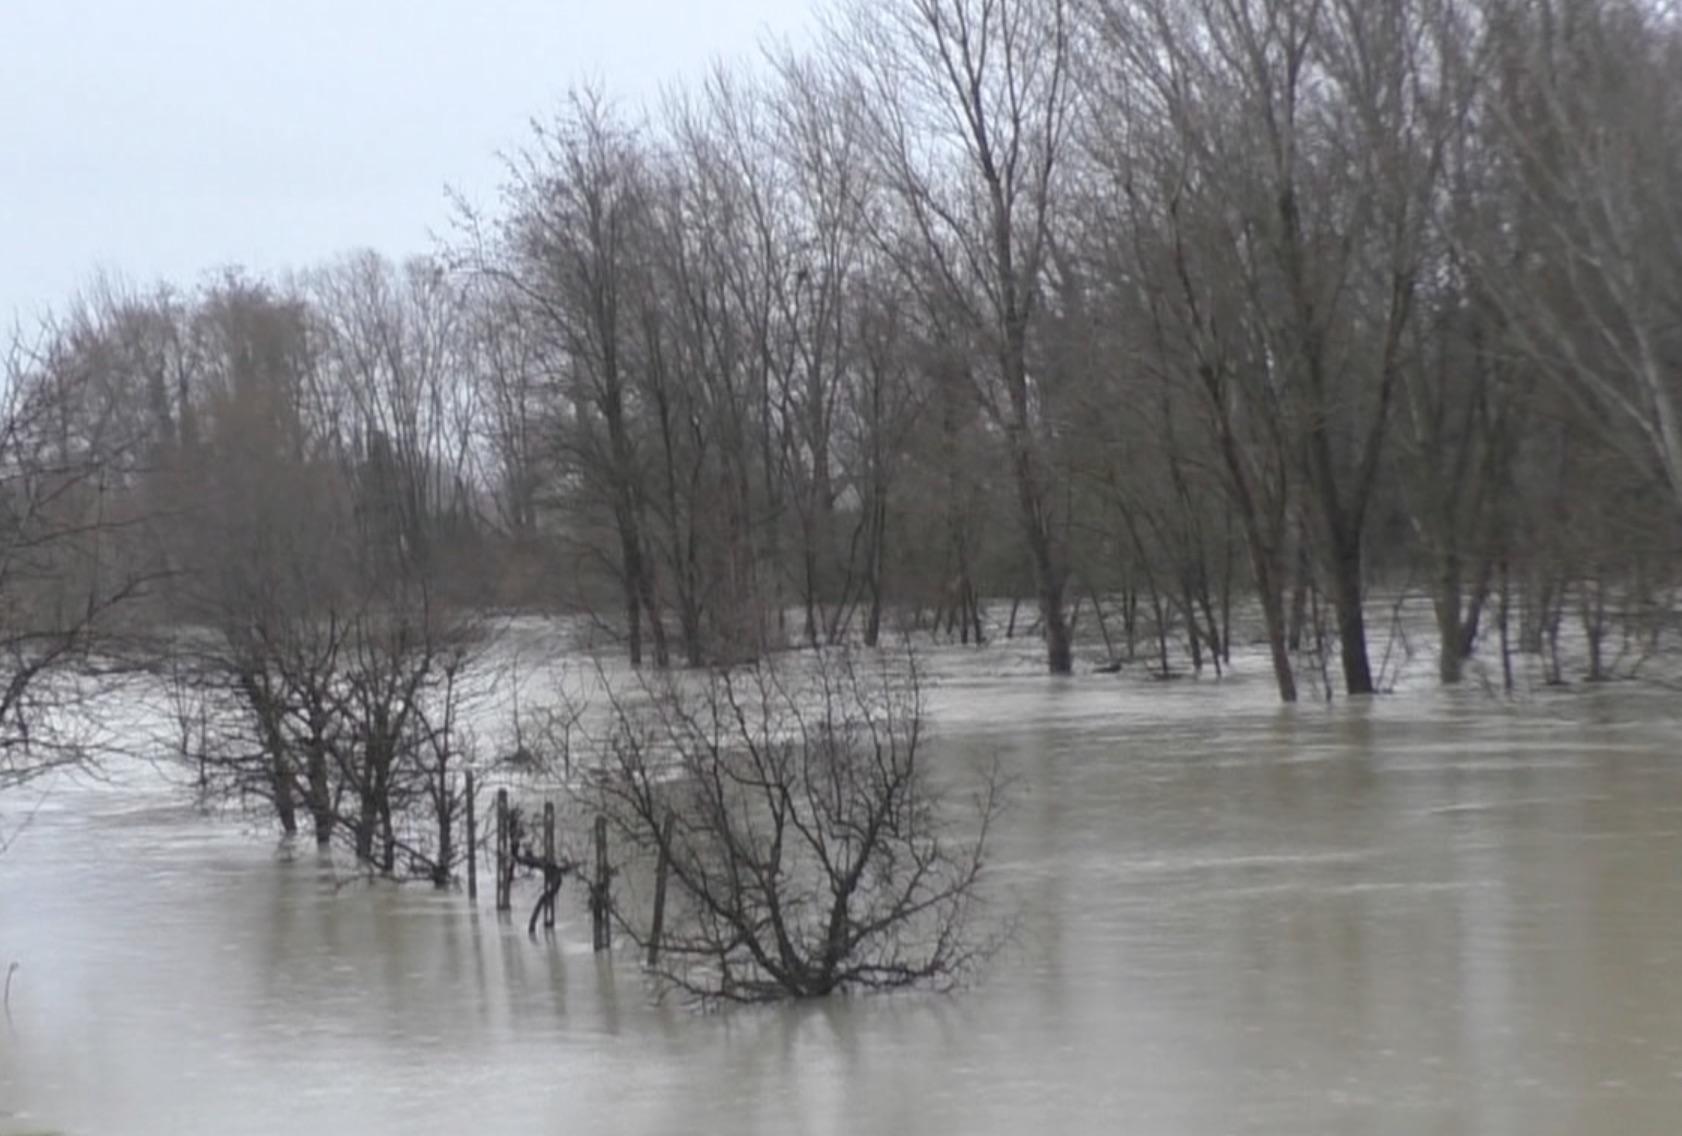 fiume maltempo allagamenti